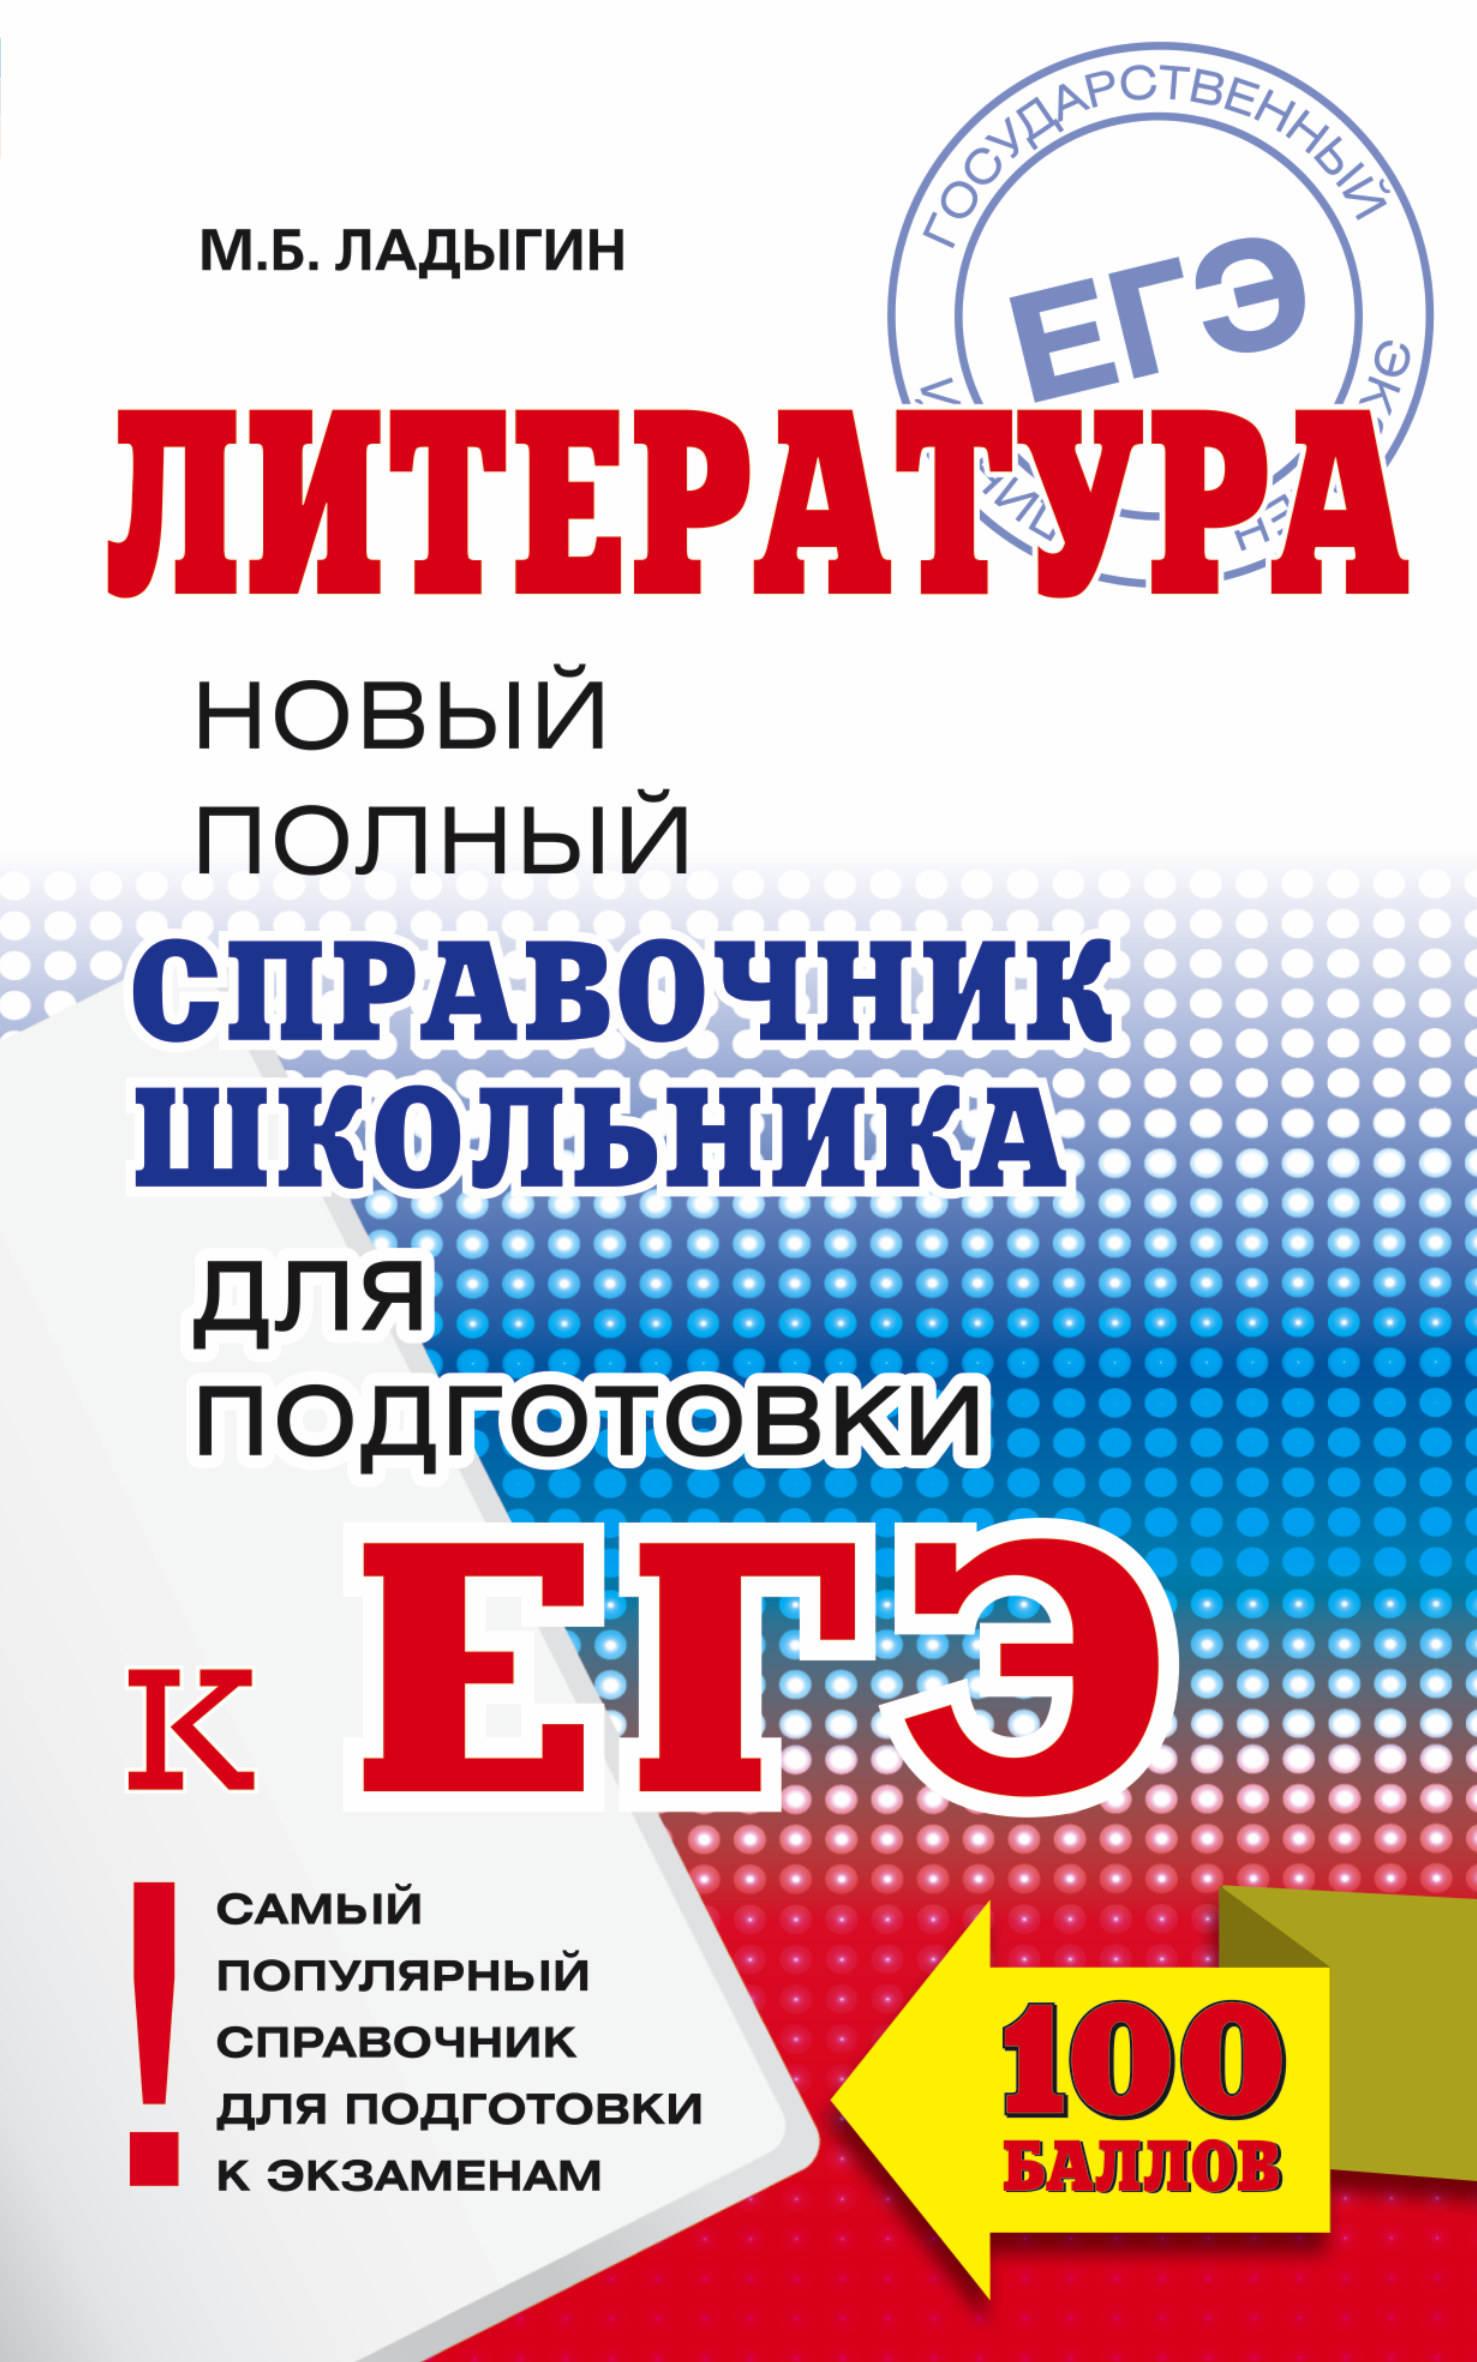 М. Б. Ладыгин Литература. Новый полный справочник школьника для подготовки к ЕГЭ